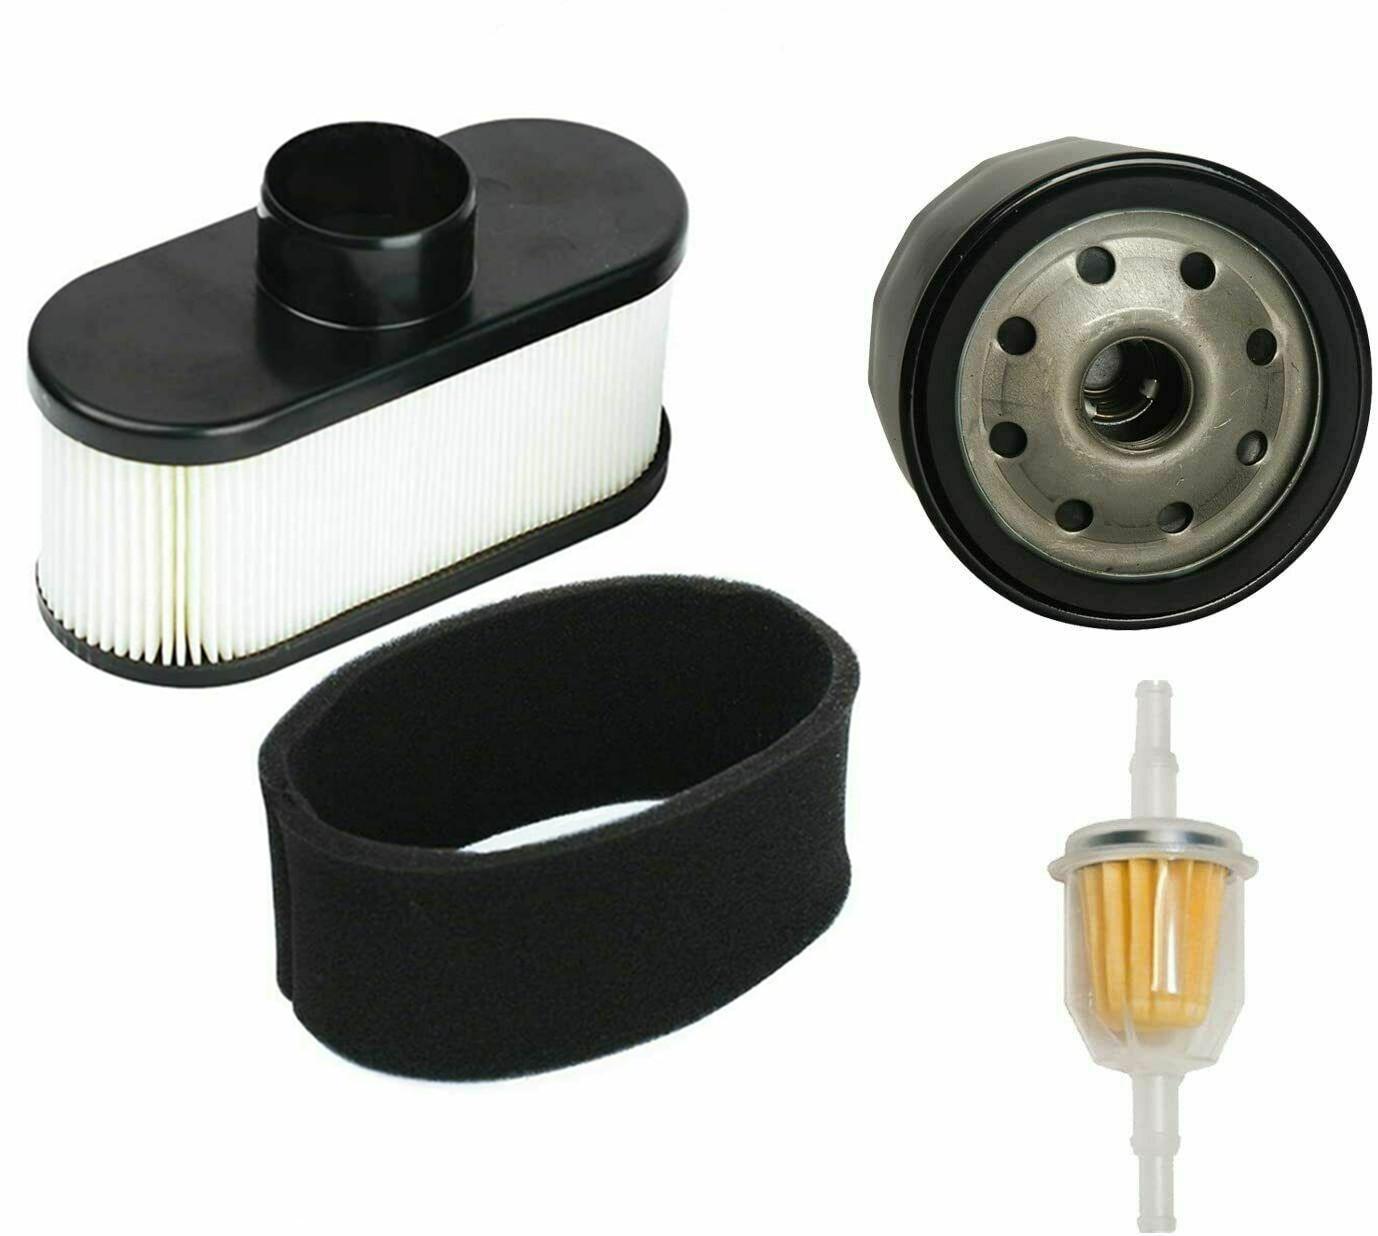 Air Pre Filter Oil Fuel Filter for Kawasaki FS481V FS541V FR651V FR691V  FR730V 692618675246 | eBayeBay